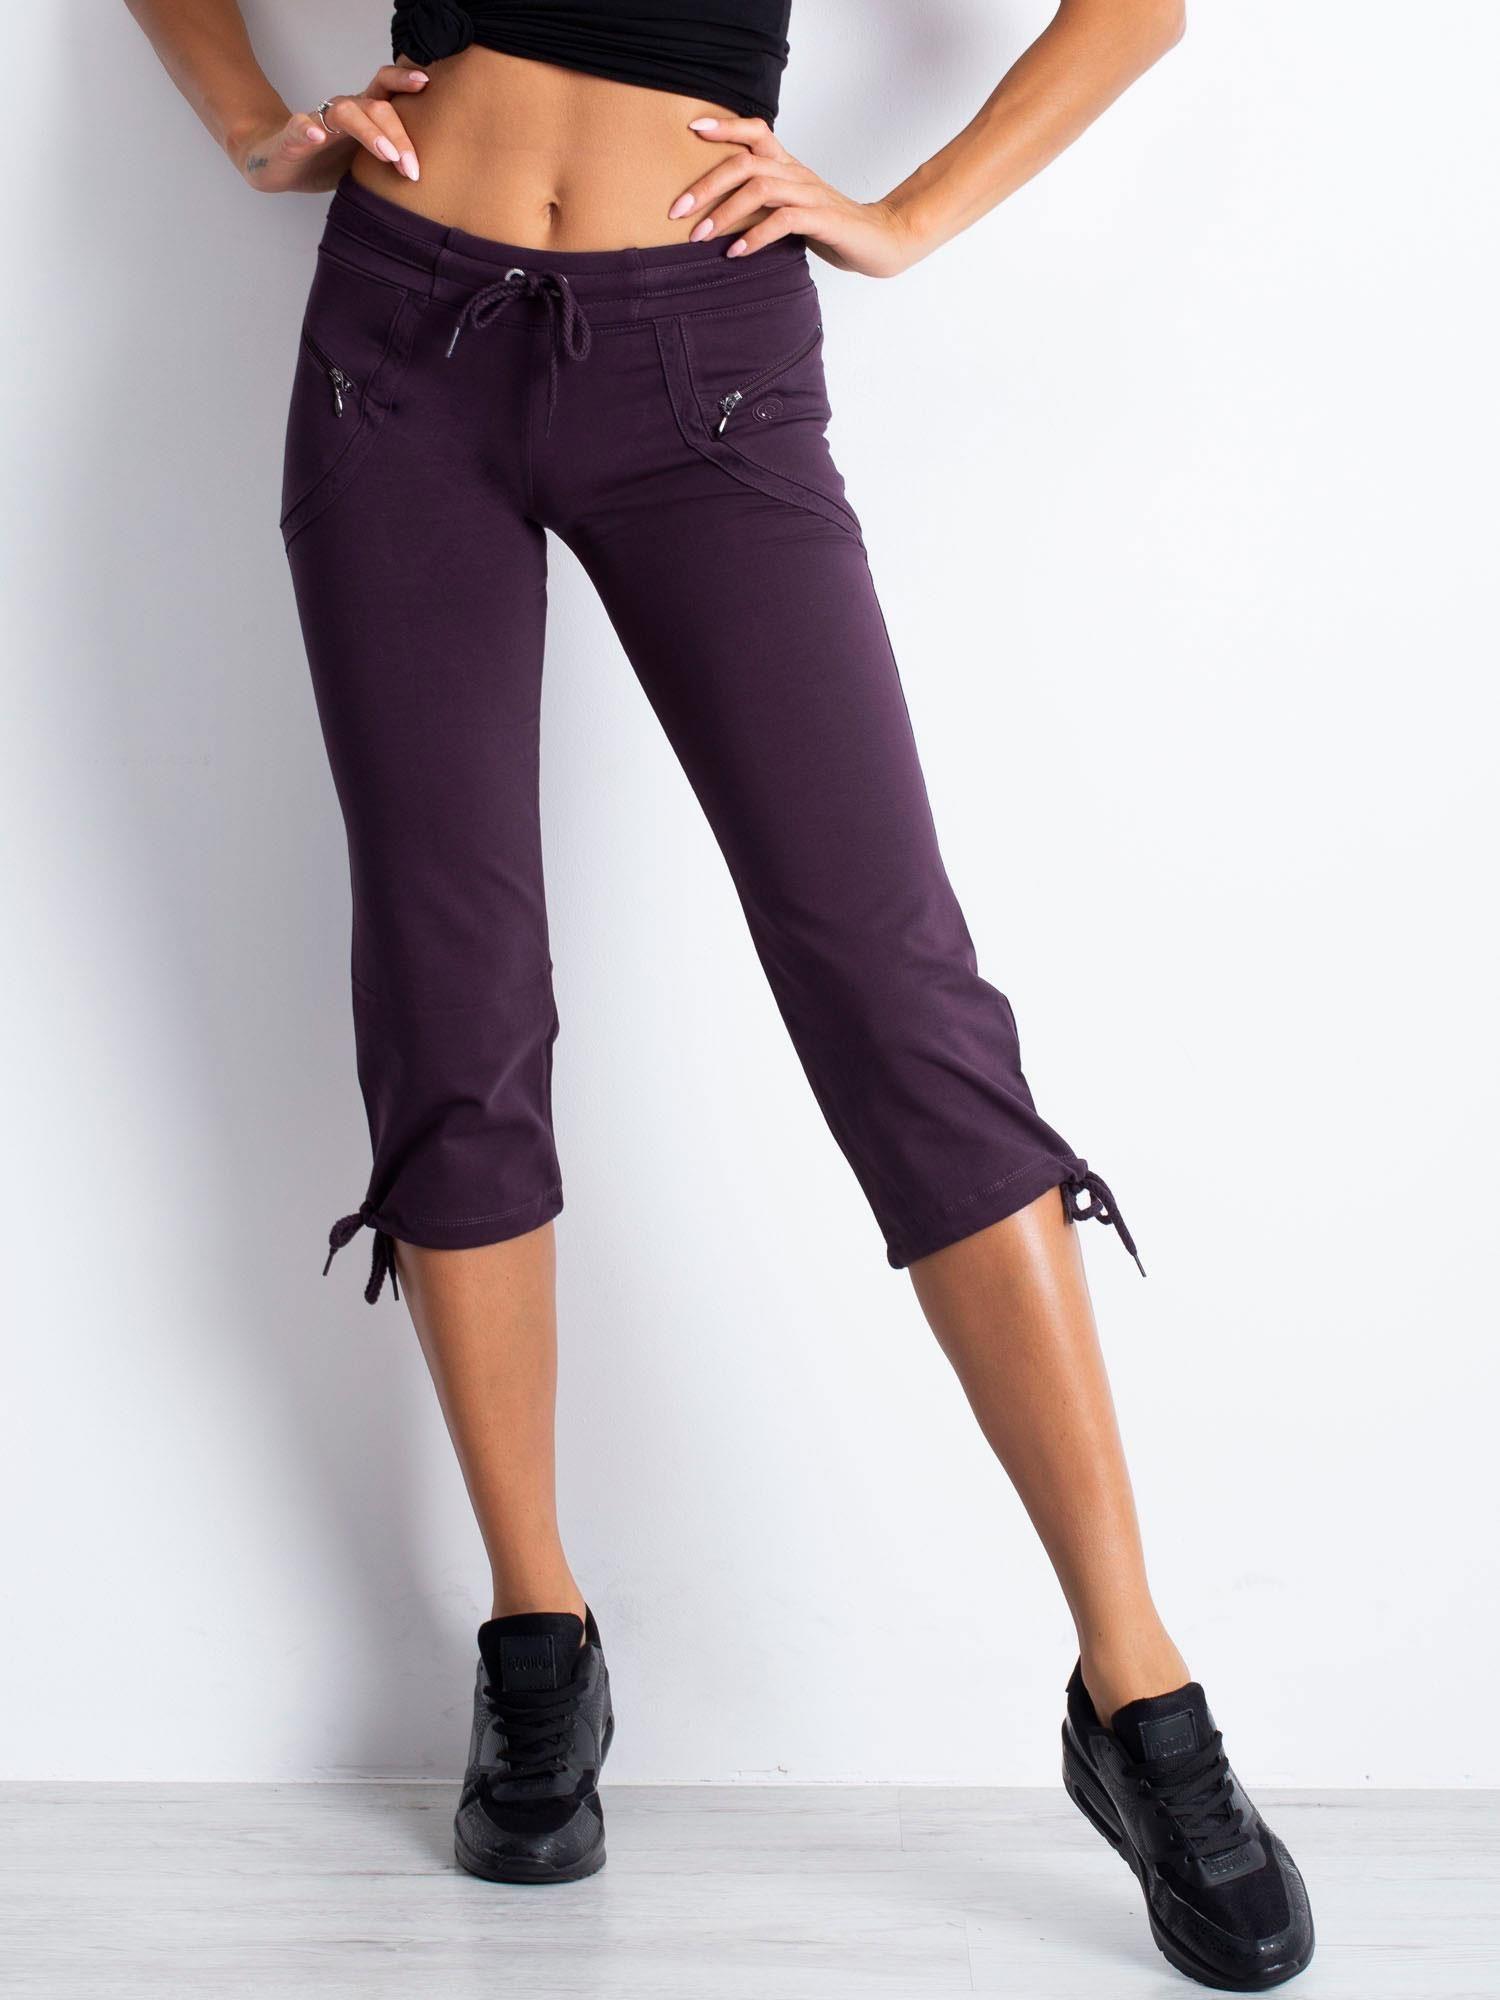 Ciemnofioletowe spodnie dresowe capri z kieszeniami na suwak                                  zdj.                                  4